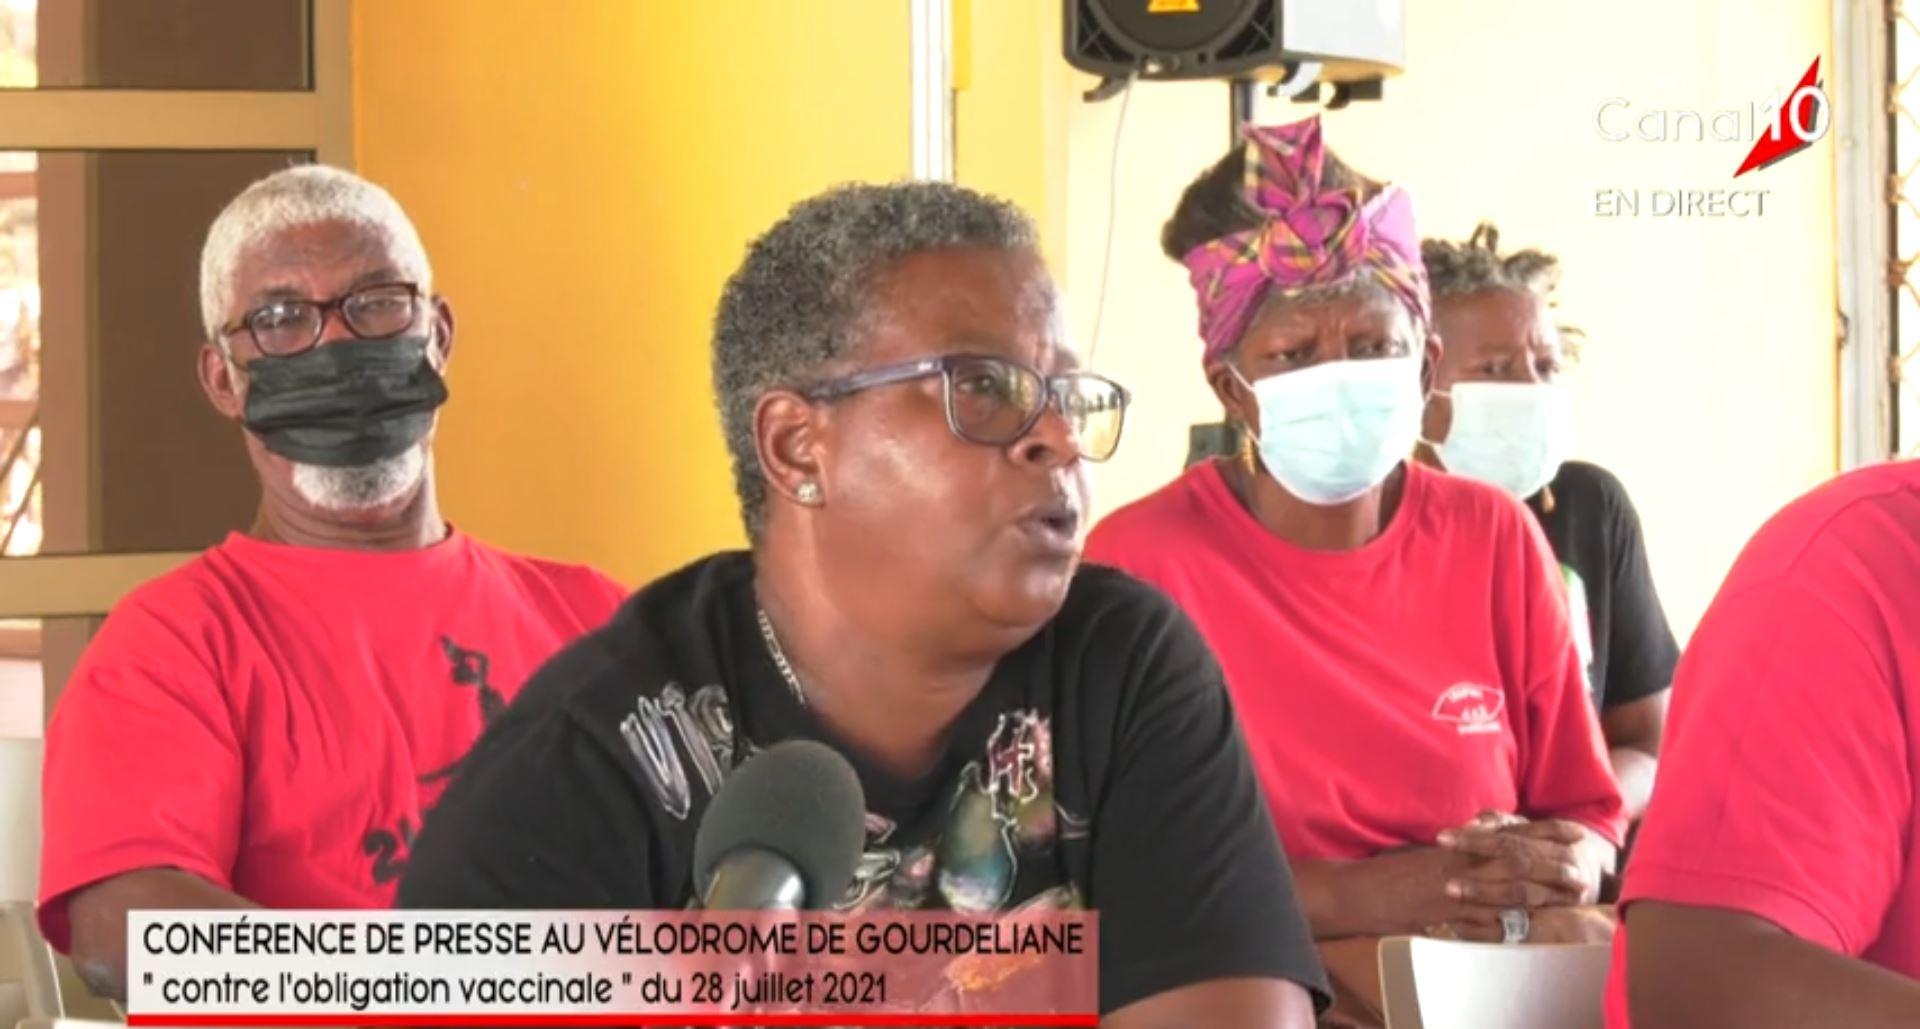 Syndicat UGTG en Guadeloupe : il y a 4 personnes en soins intensifs et toutes les 4 sont vaccinées